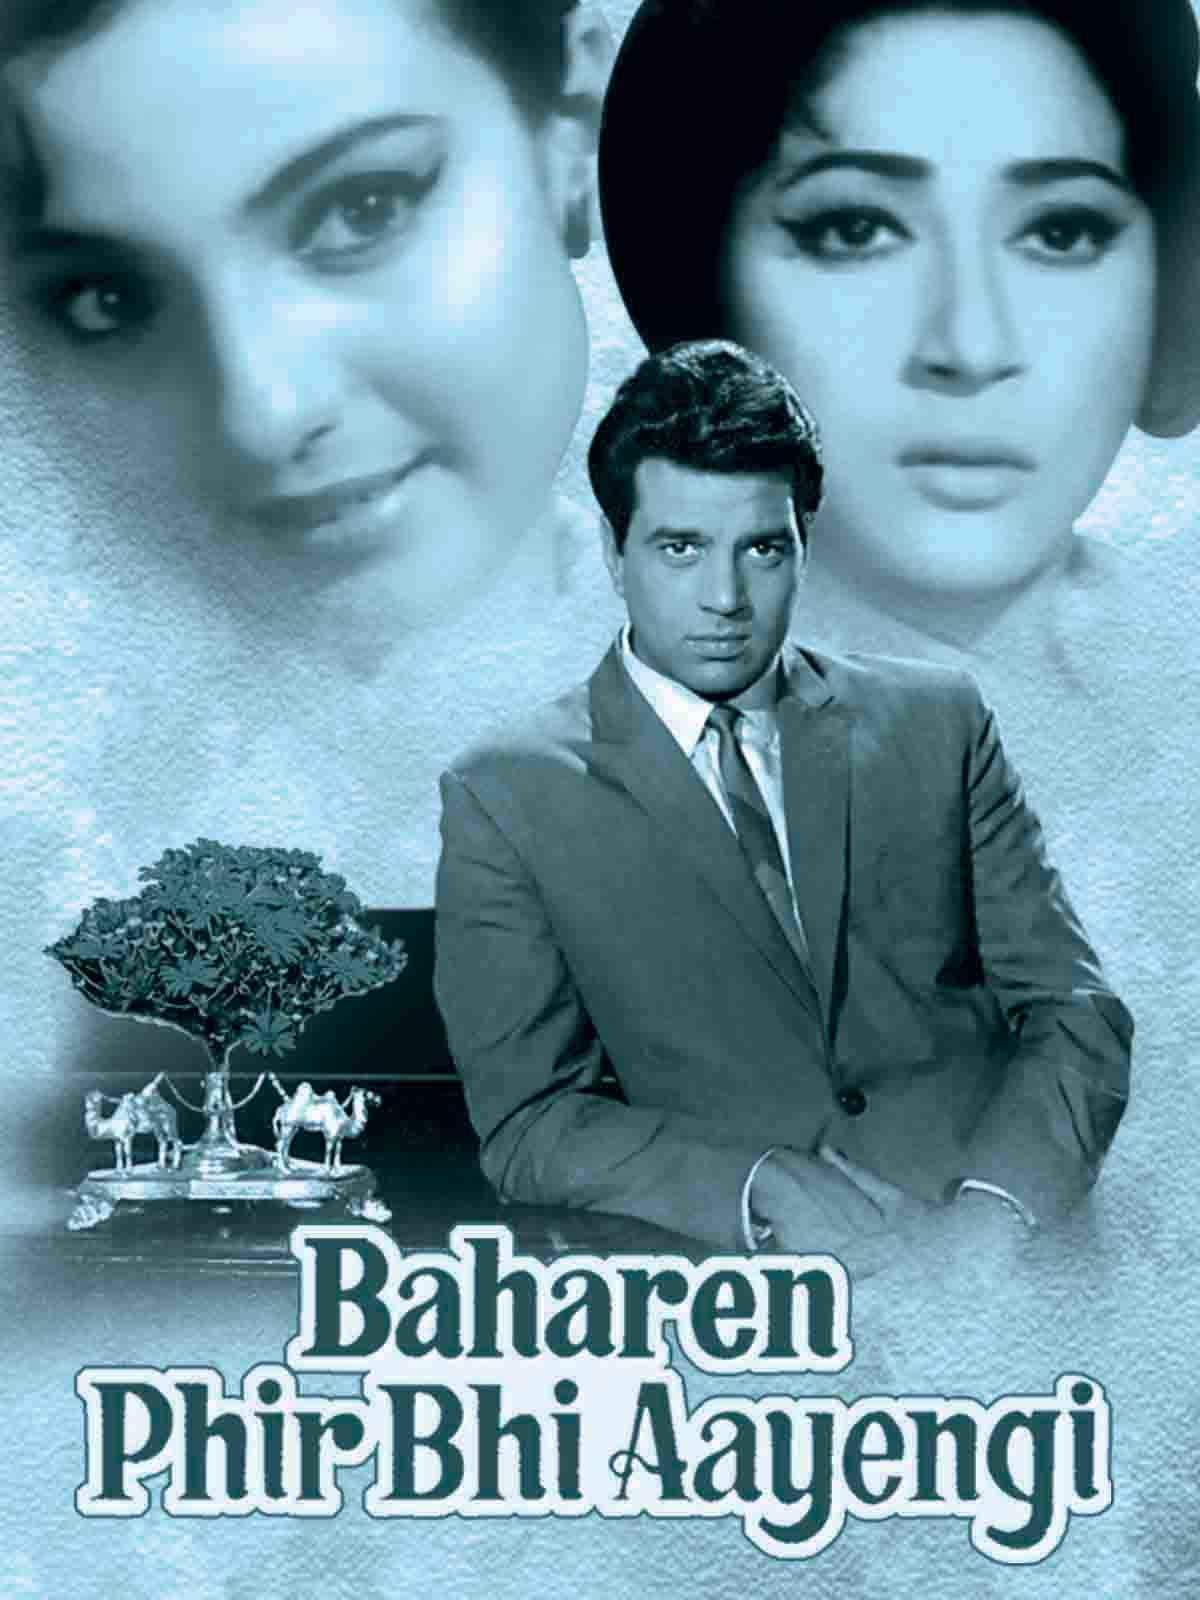 Watch Baharen Phir Bhi Aayengi | Prime Video